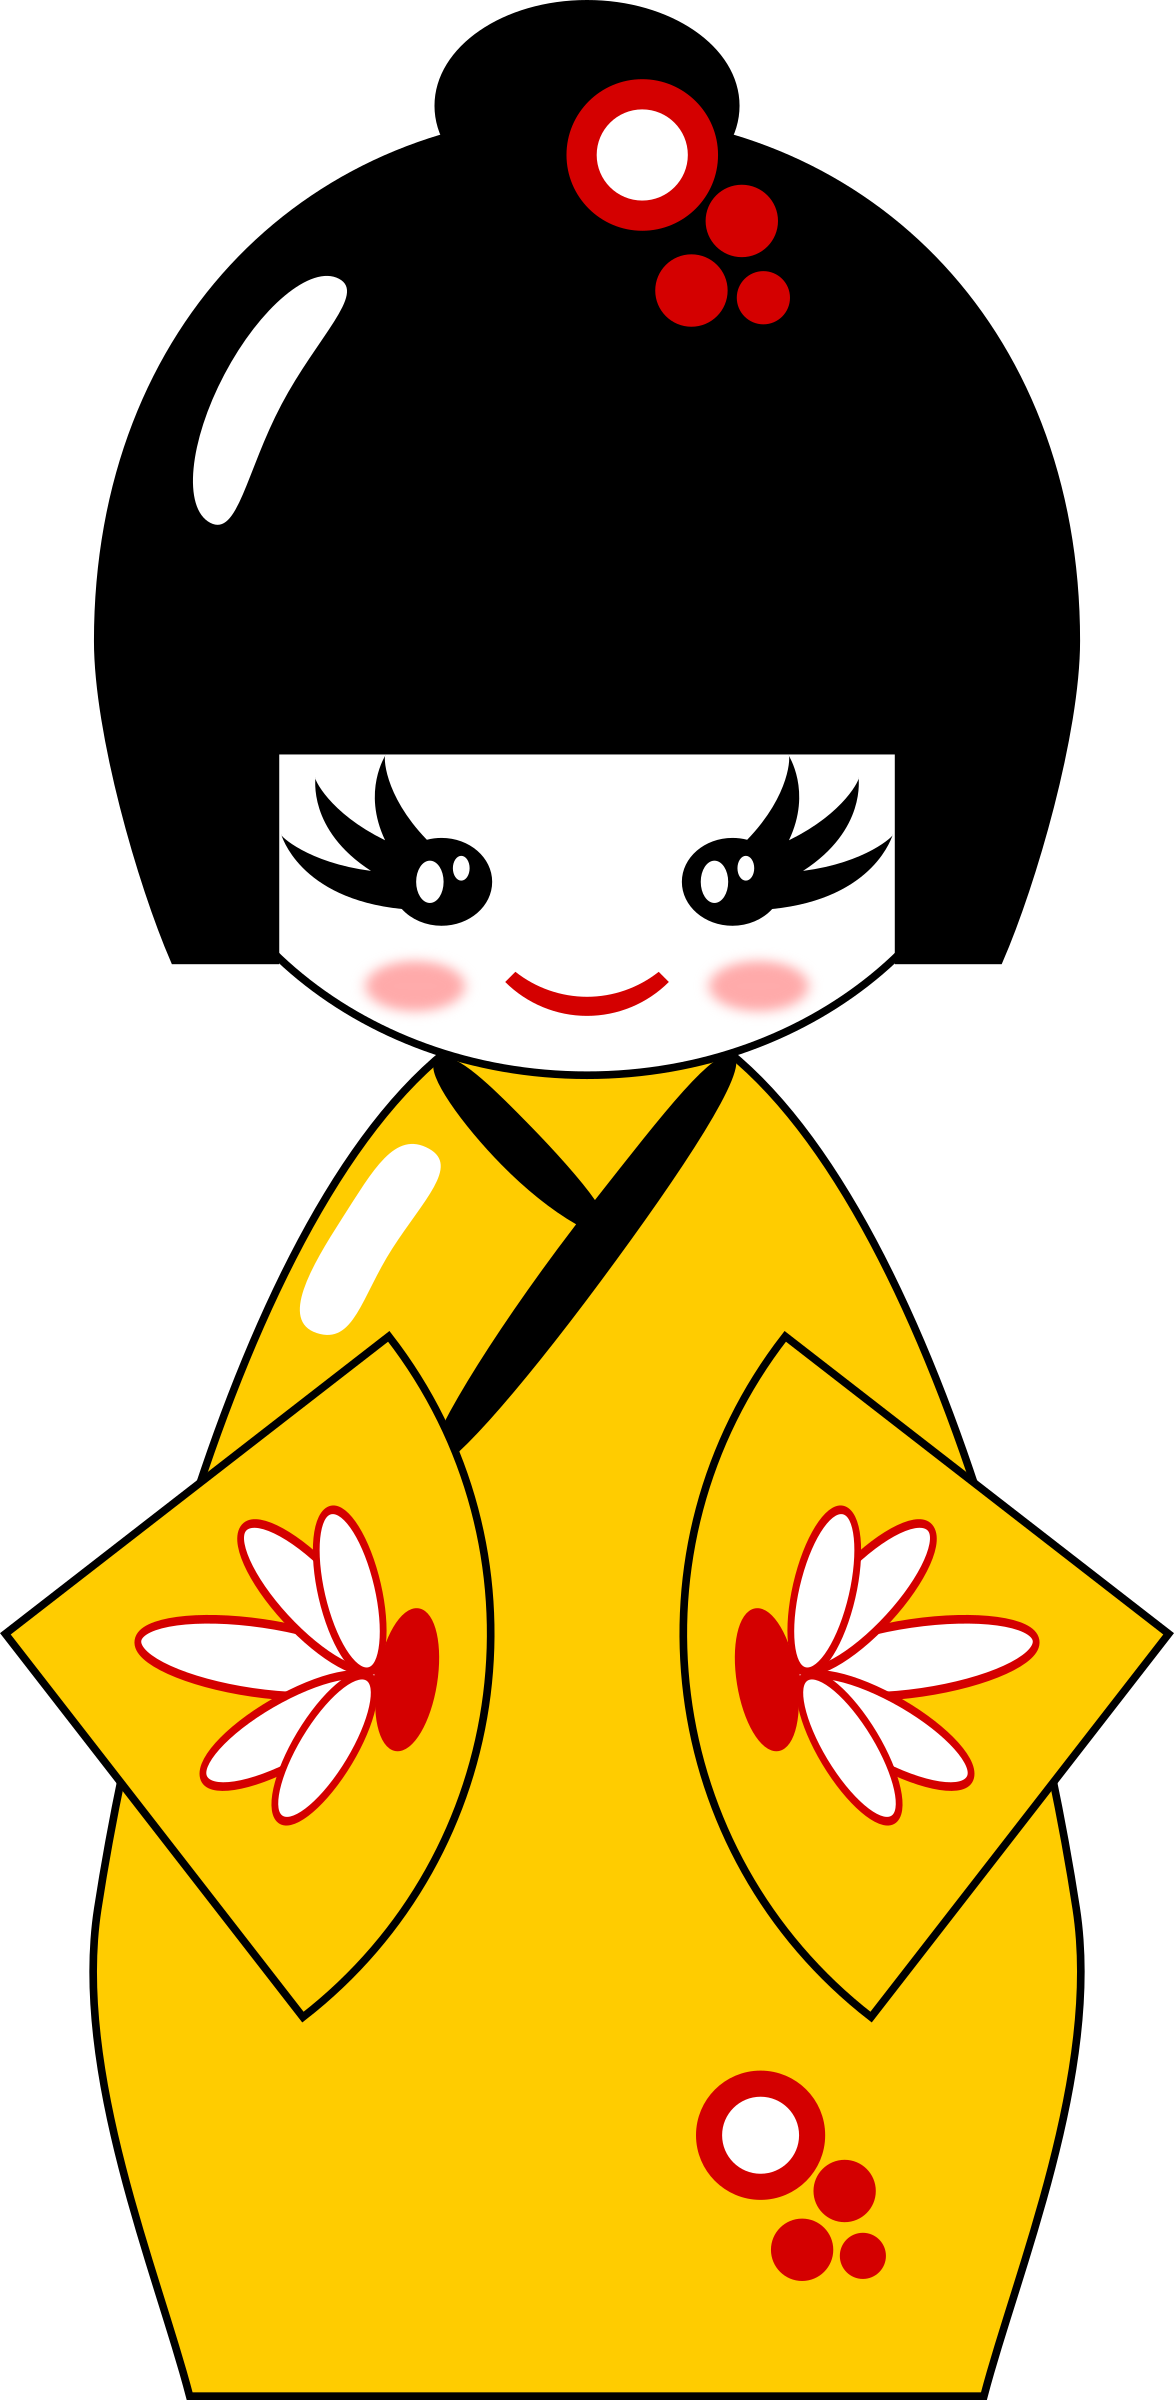 Big image png. Japanese clipart kokeshi doll